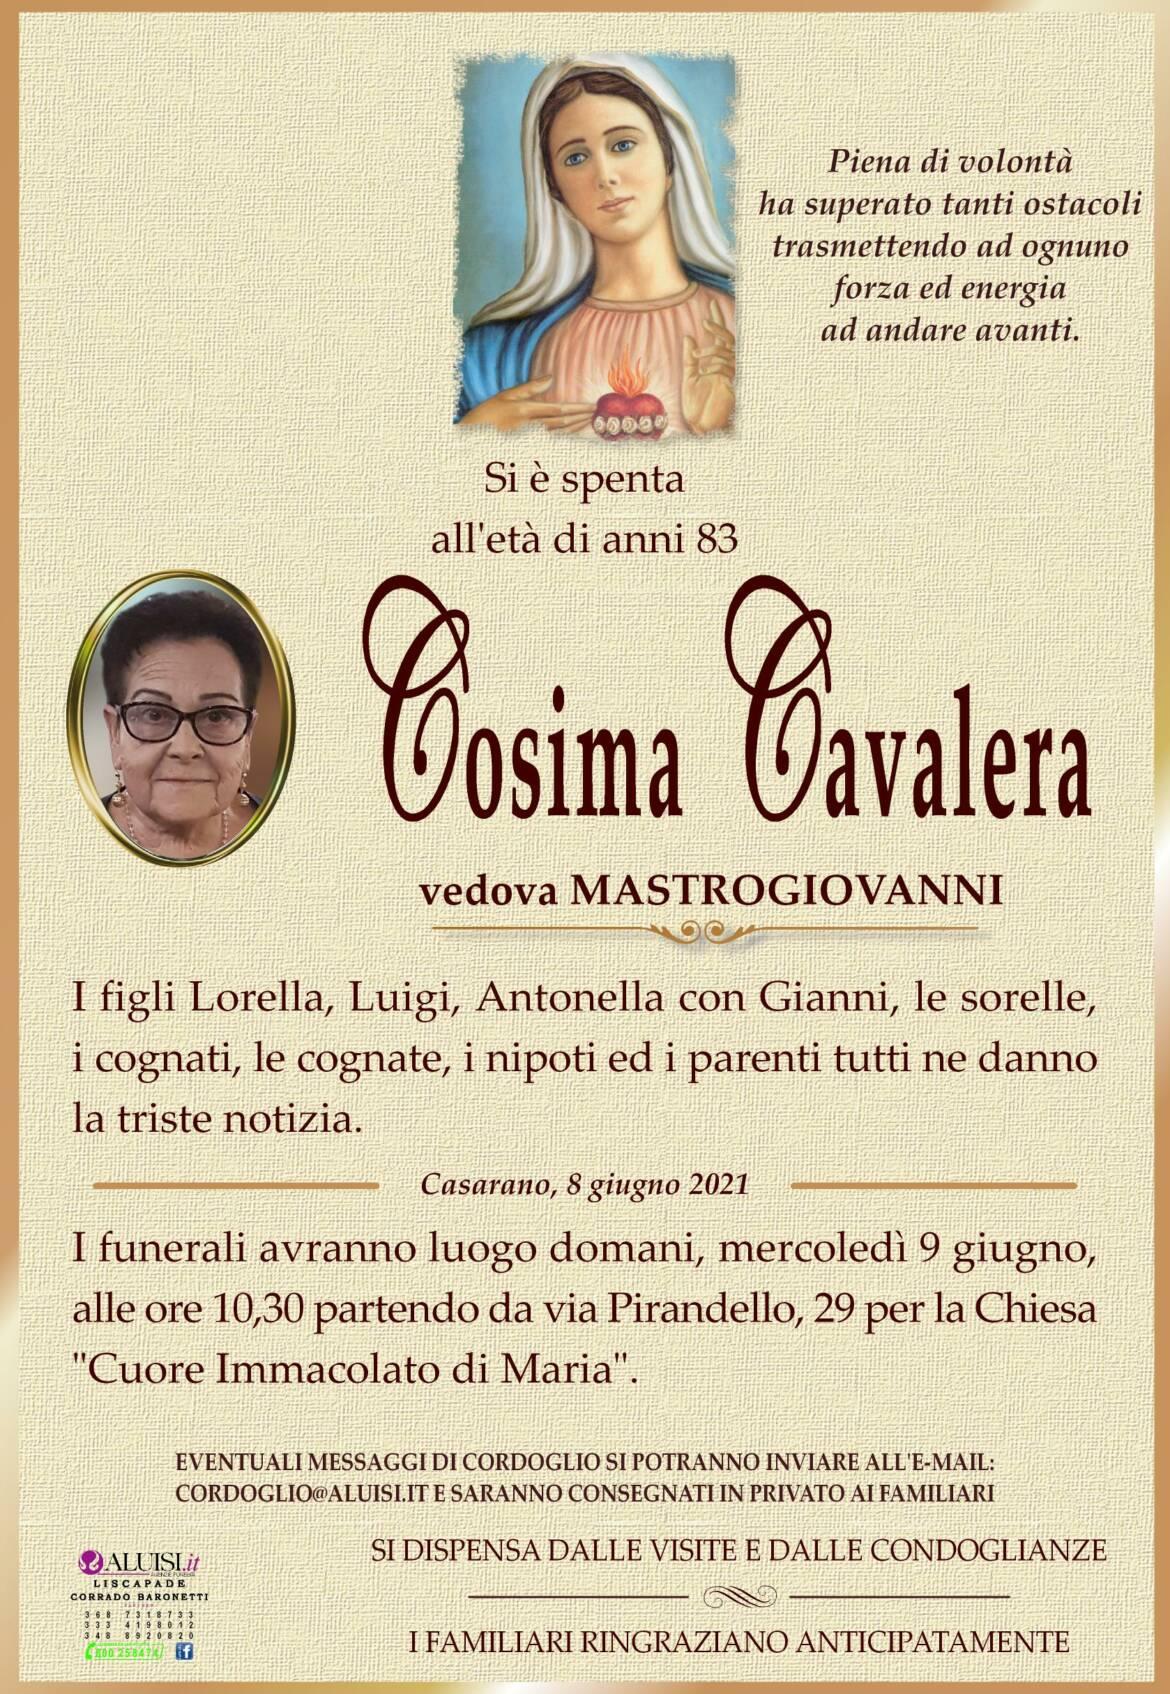 Annuncio-COSIMA-CAVALERA-CASARANO.jpg